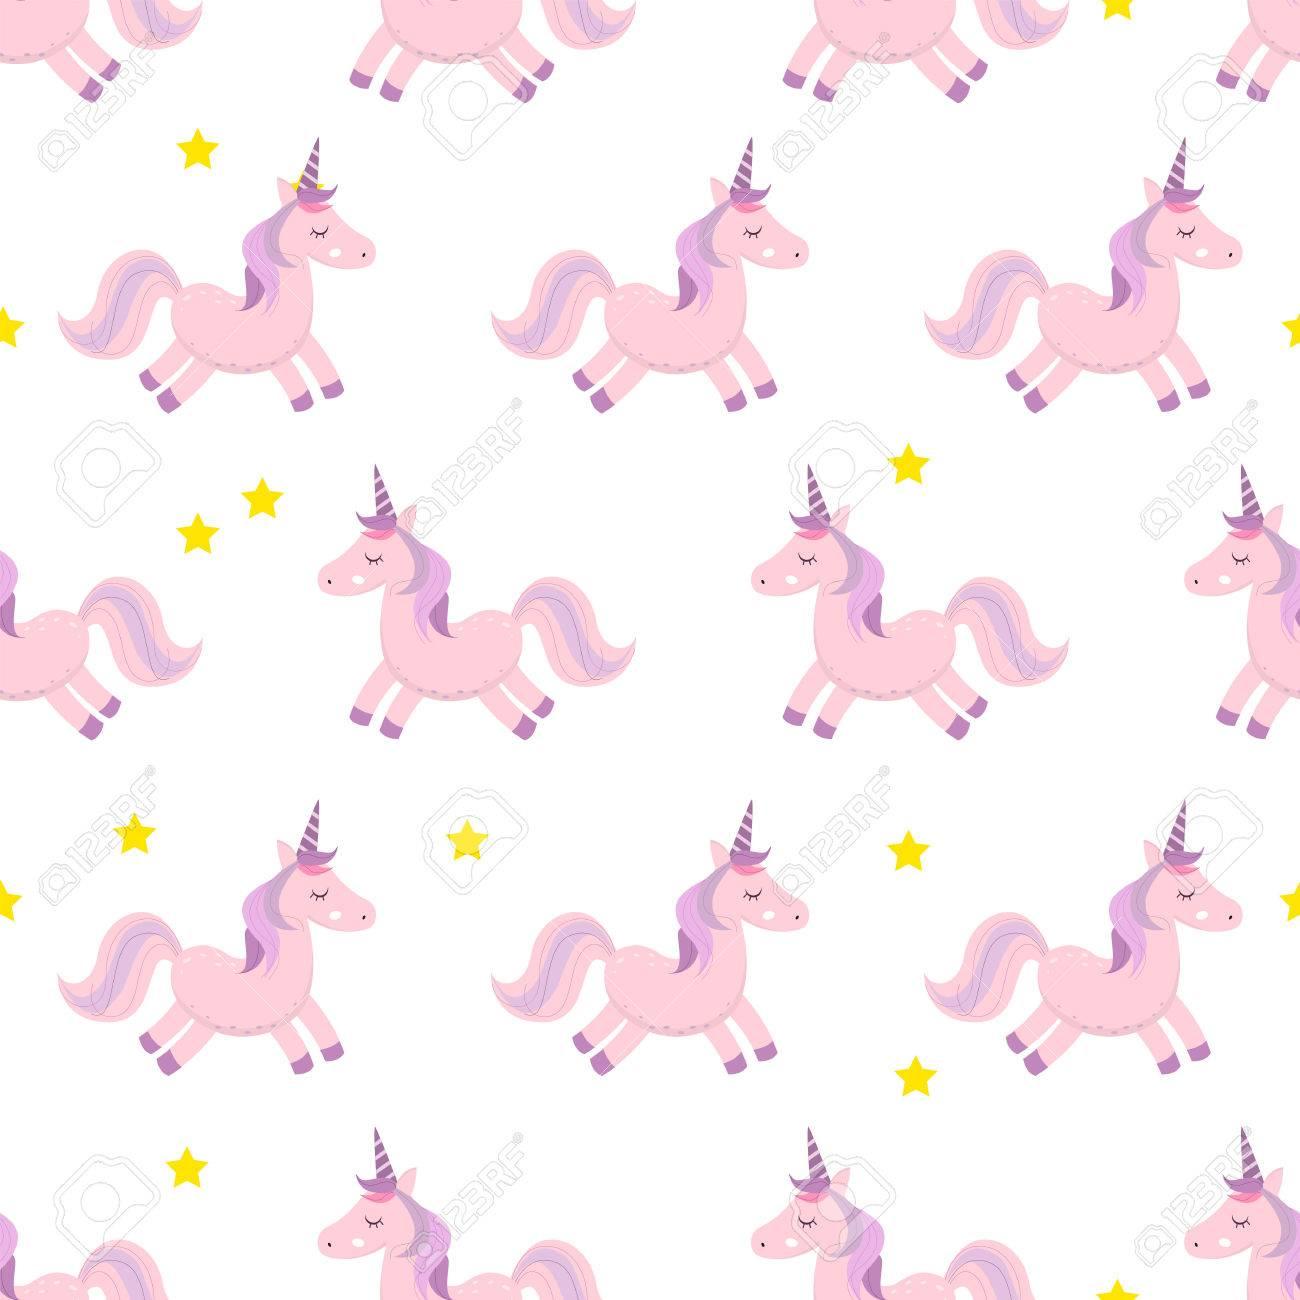 Les Licornes Illustration Vectorielle Motif Sans Couture